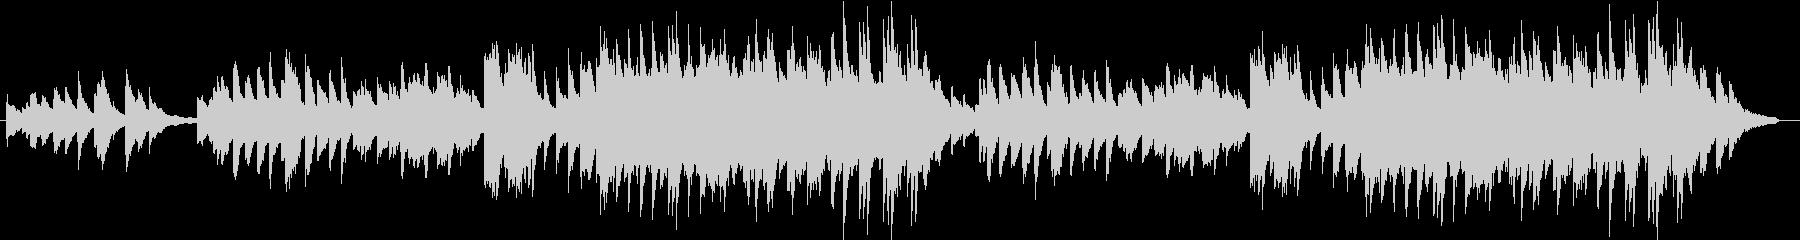 心安らぐいい曲 ピアノVerの未再生の波形